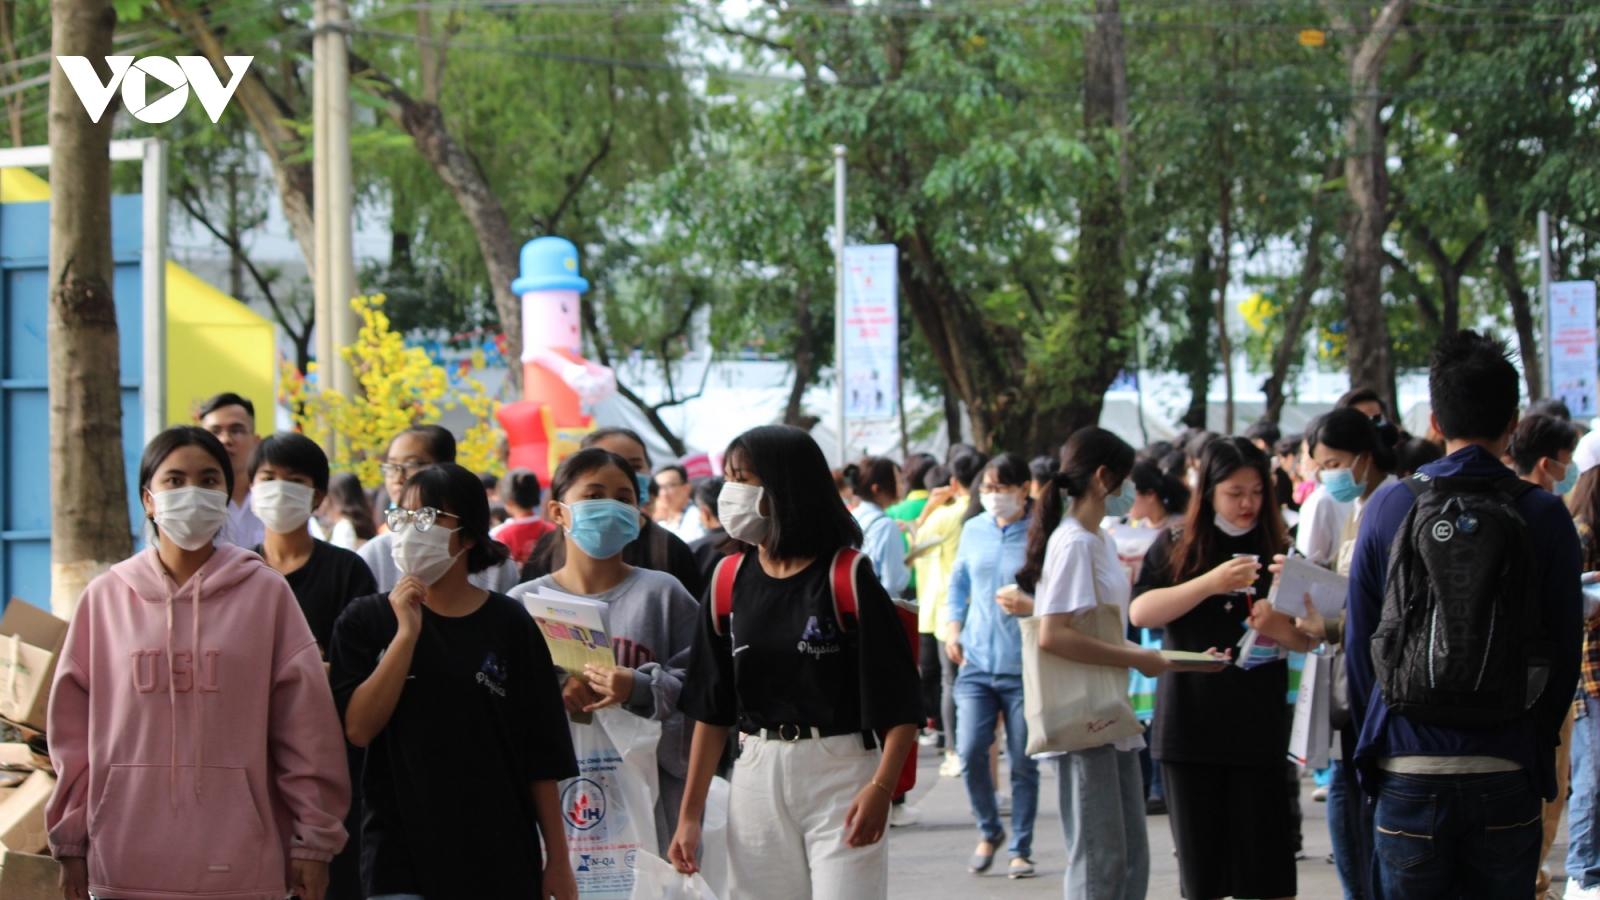 Hàng chục ngàn người tham gia ngày hội tư vấn tuyển sinh tại TPHCM